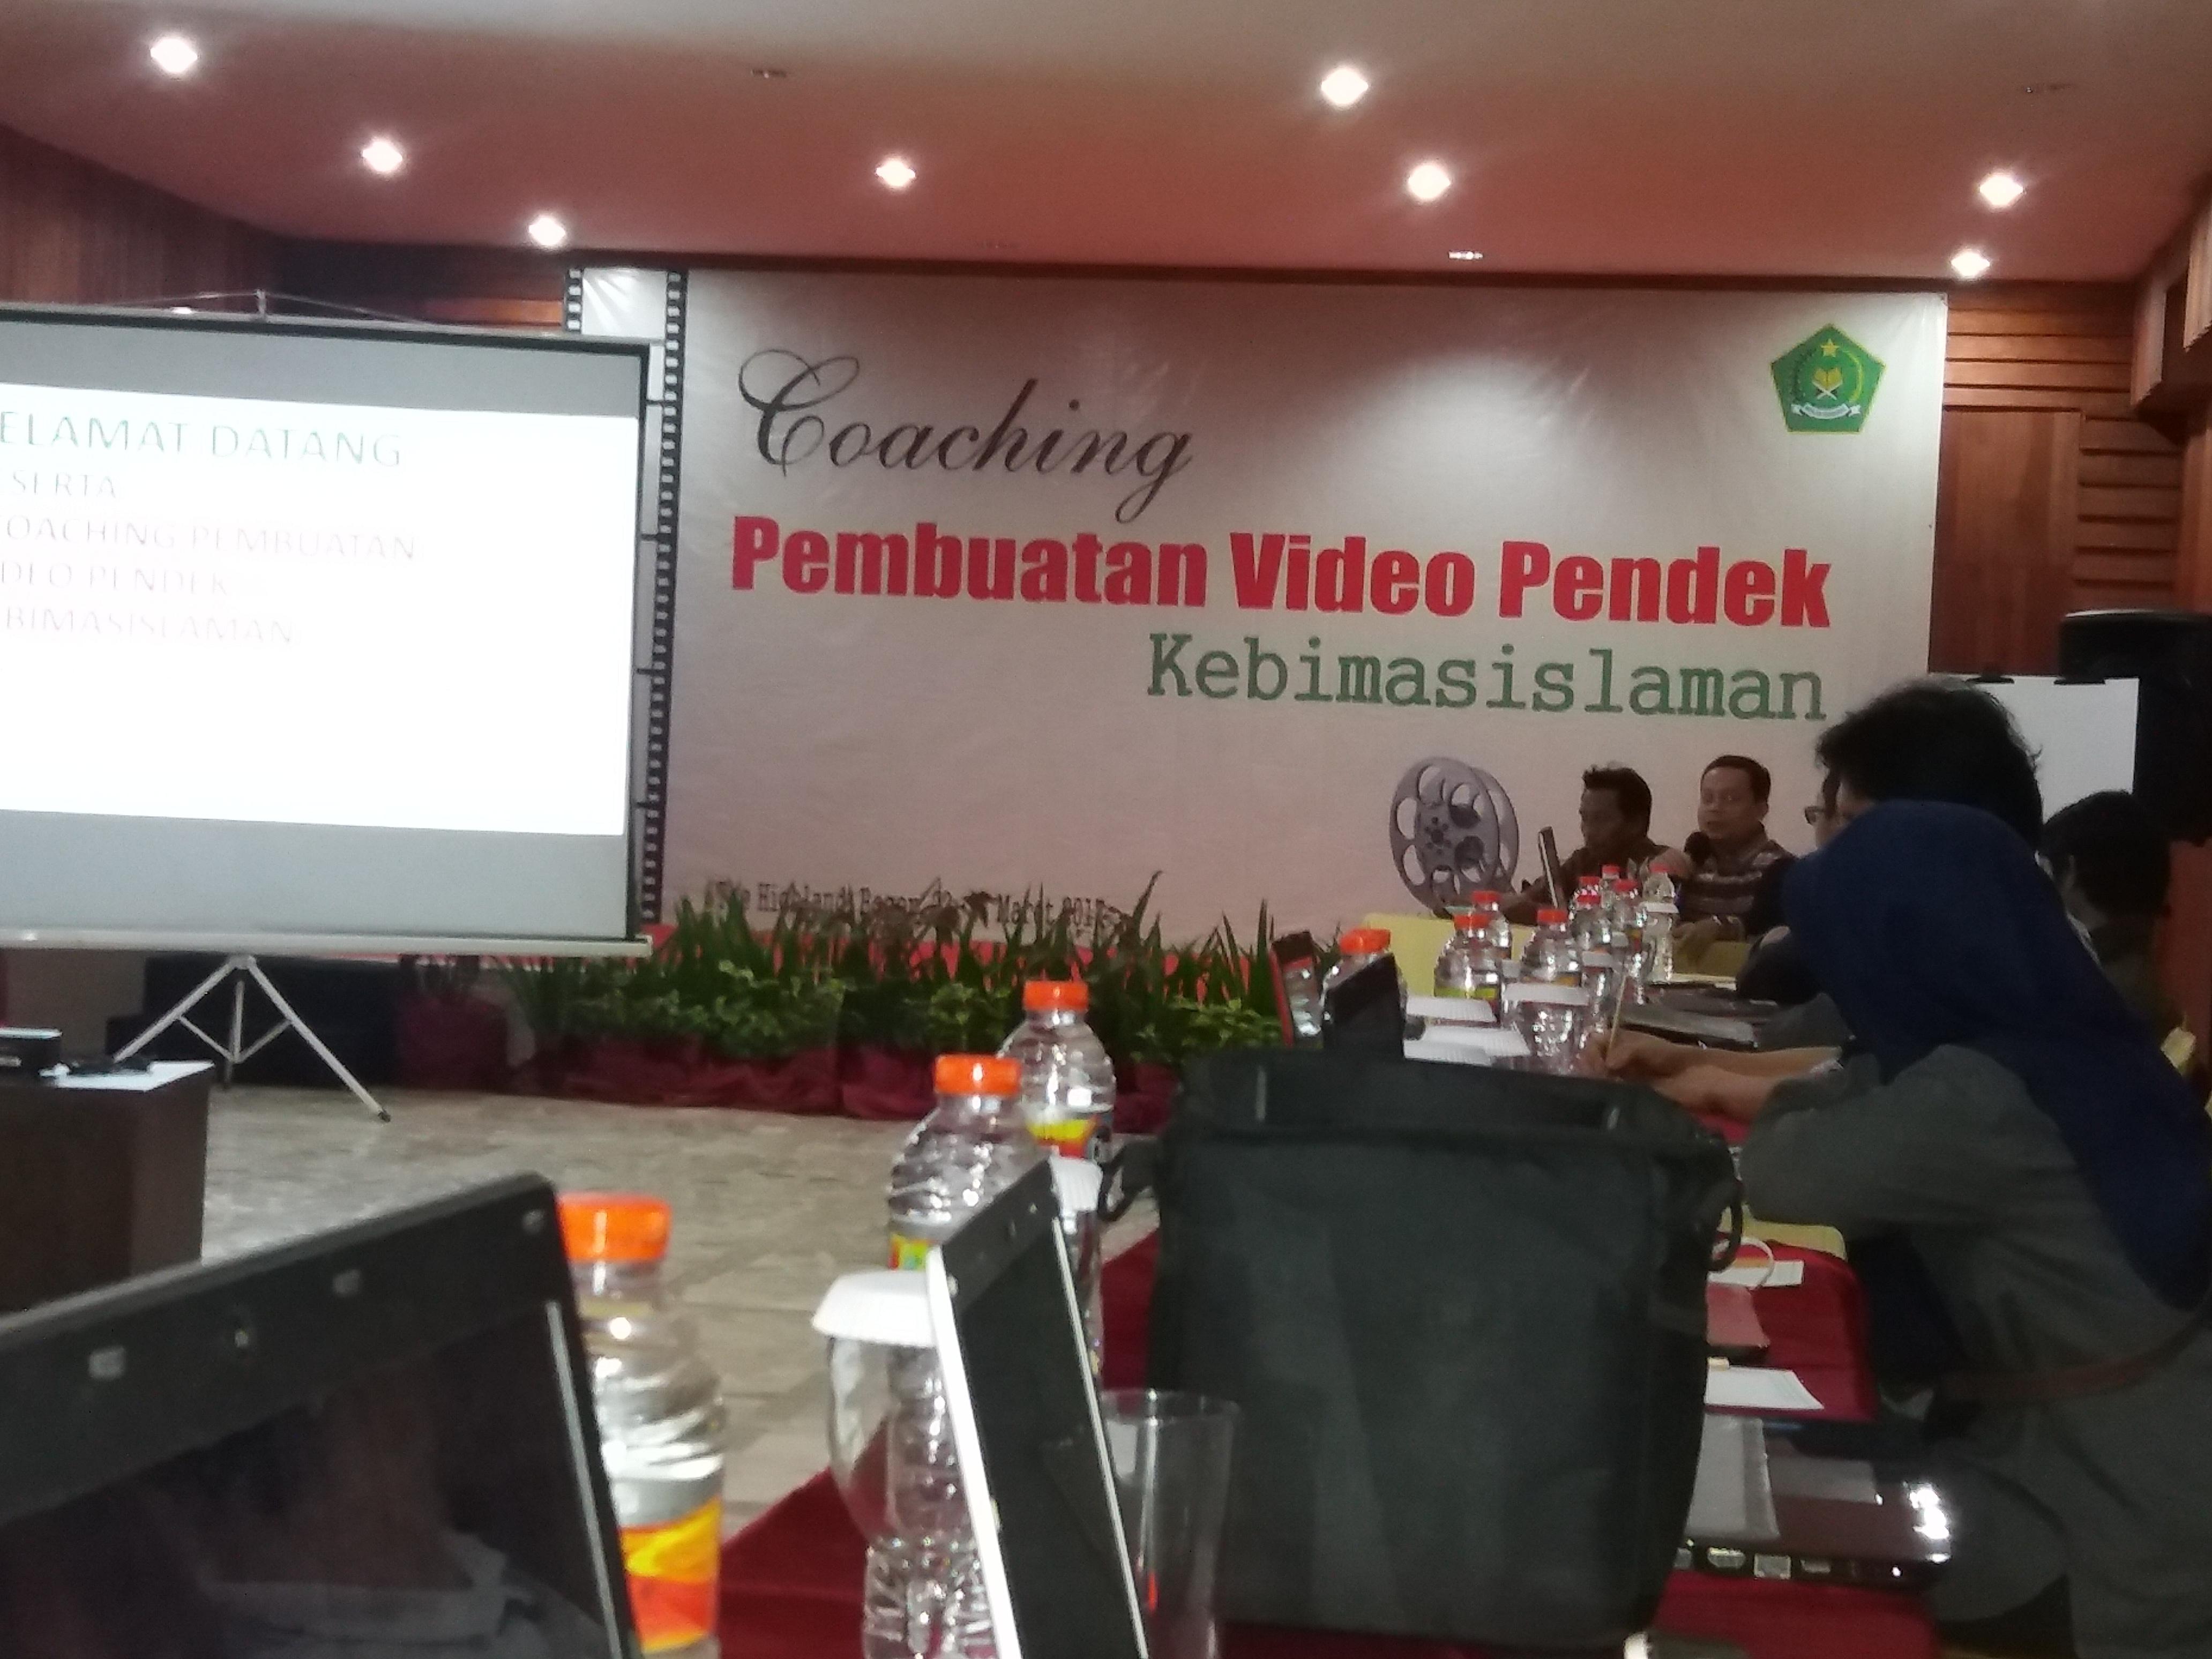 Kemenag Gelar Pelatihan Pembuatan Video